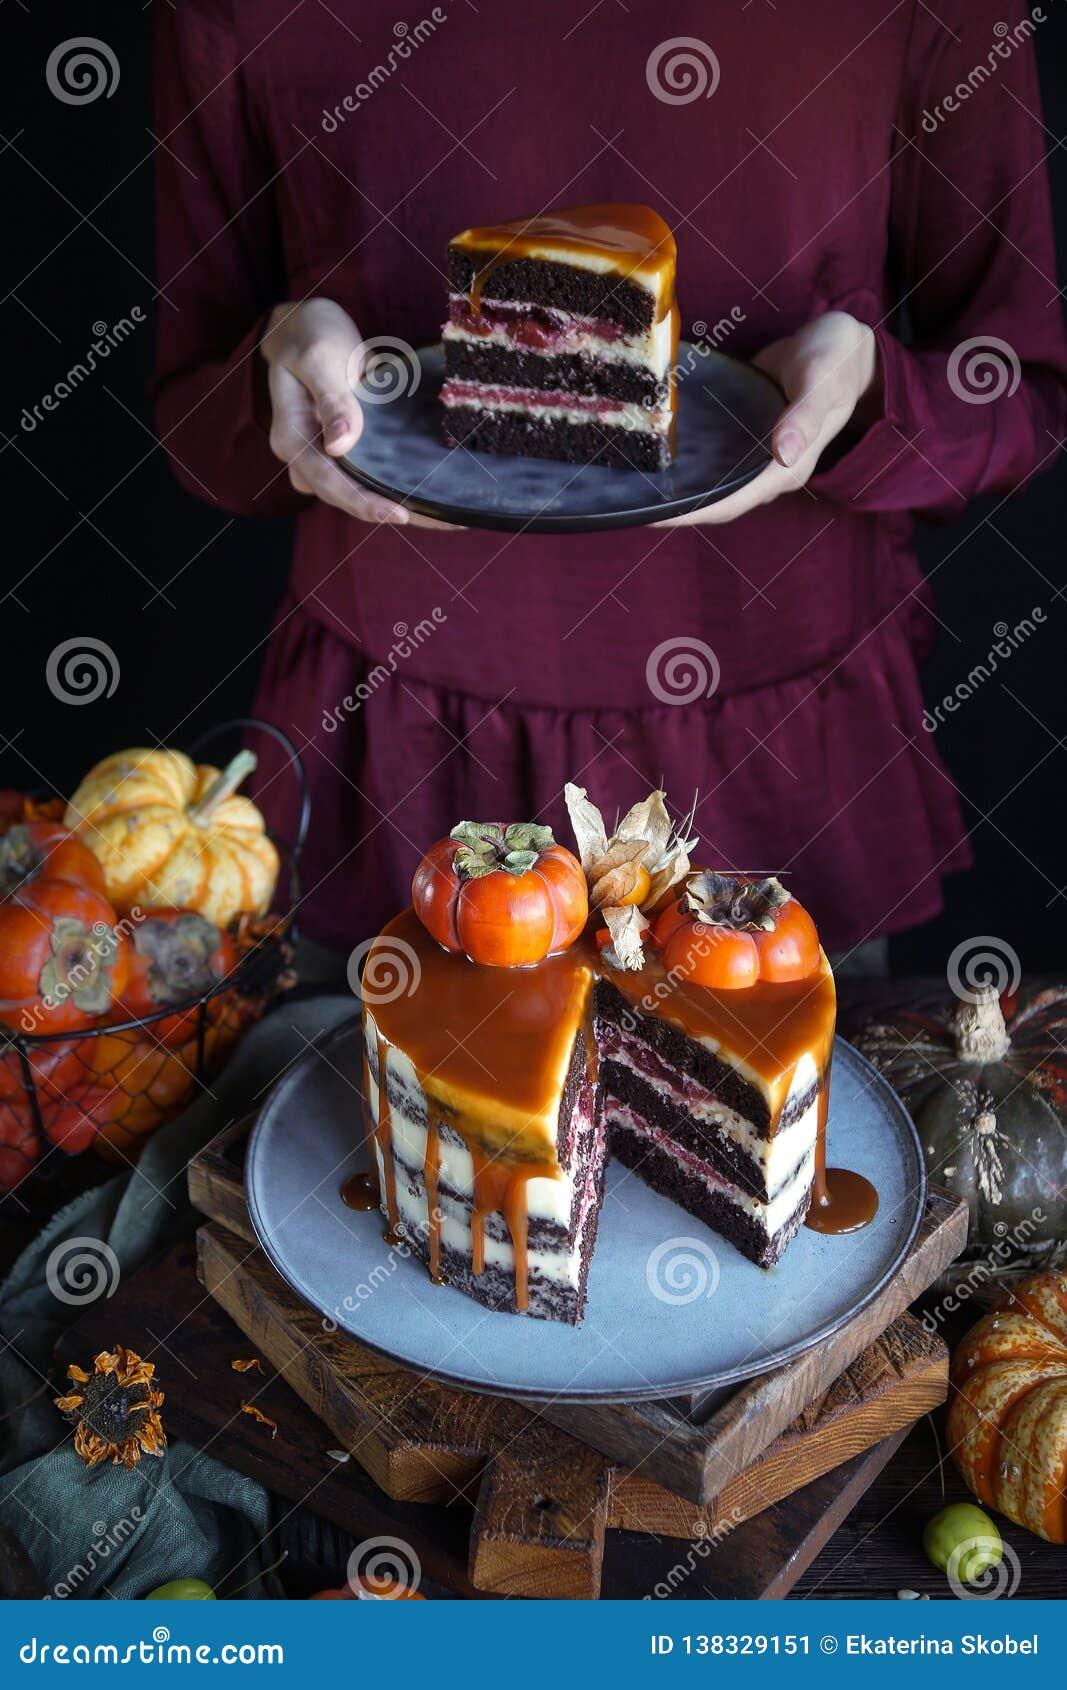 Torta del otoño con el caqui y caramelo con una calabaza y una muchacha en un vestido de Borgoña en un fondo negro, comida oscura